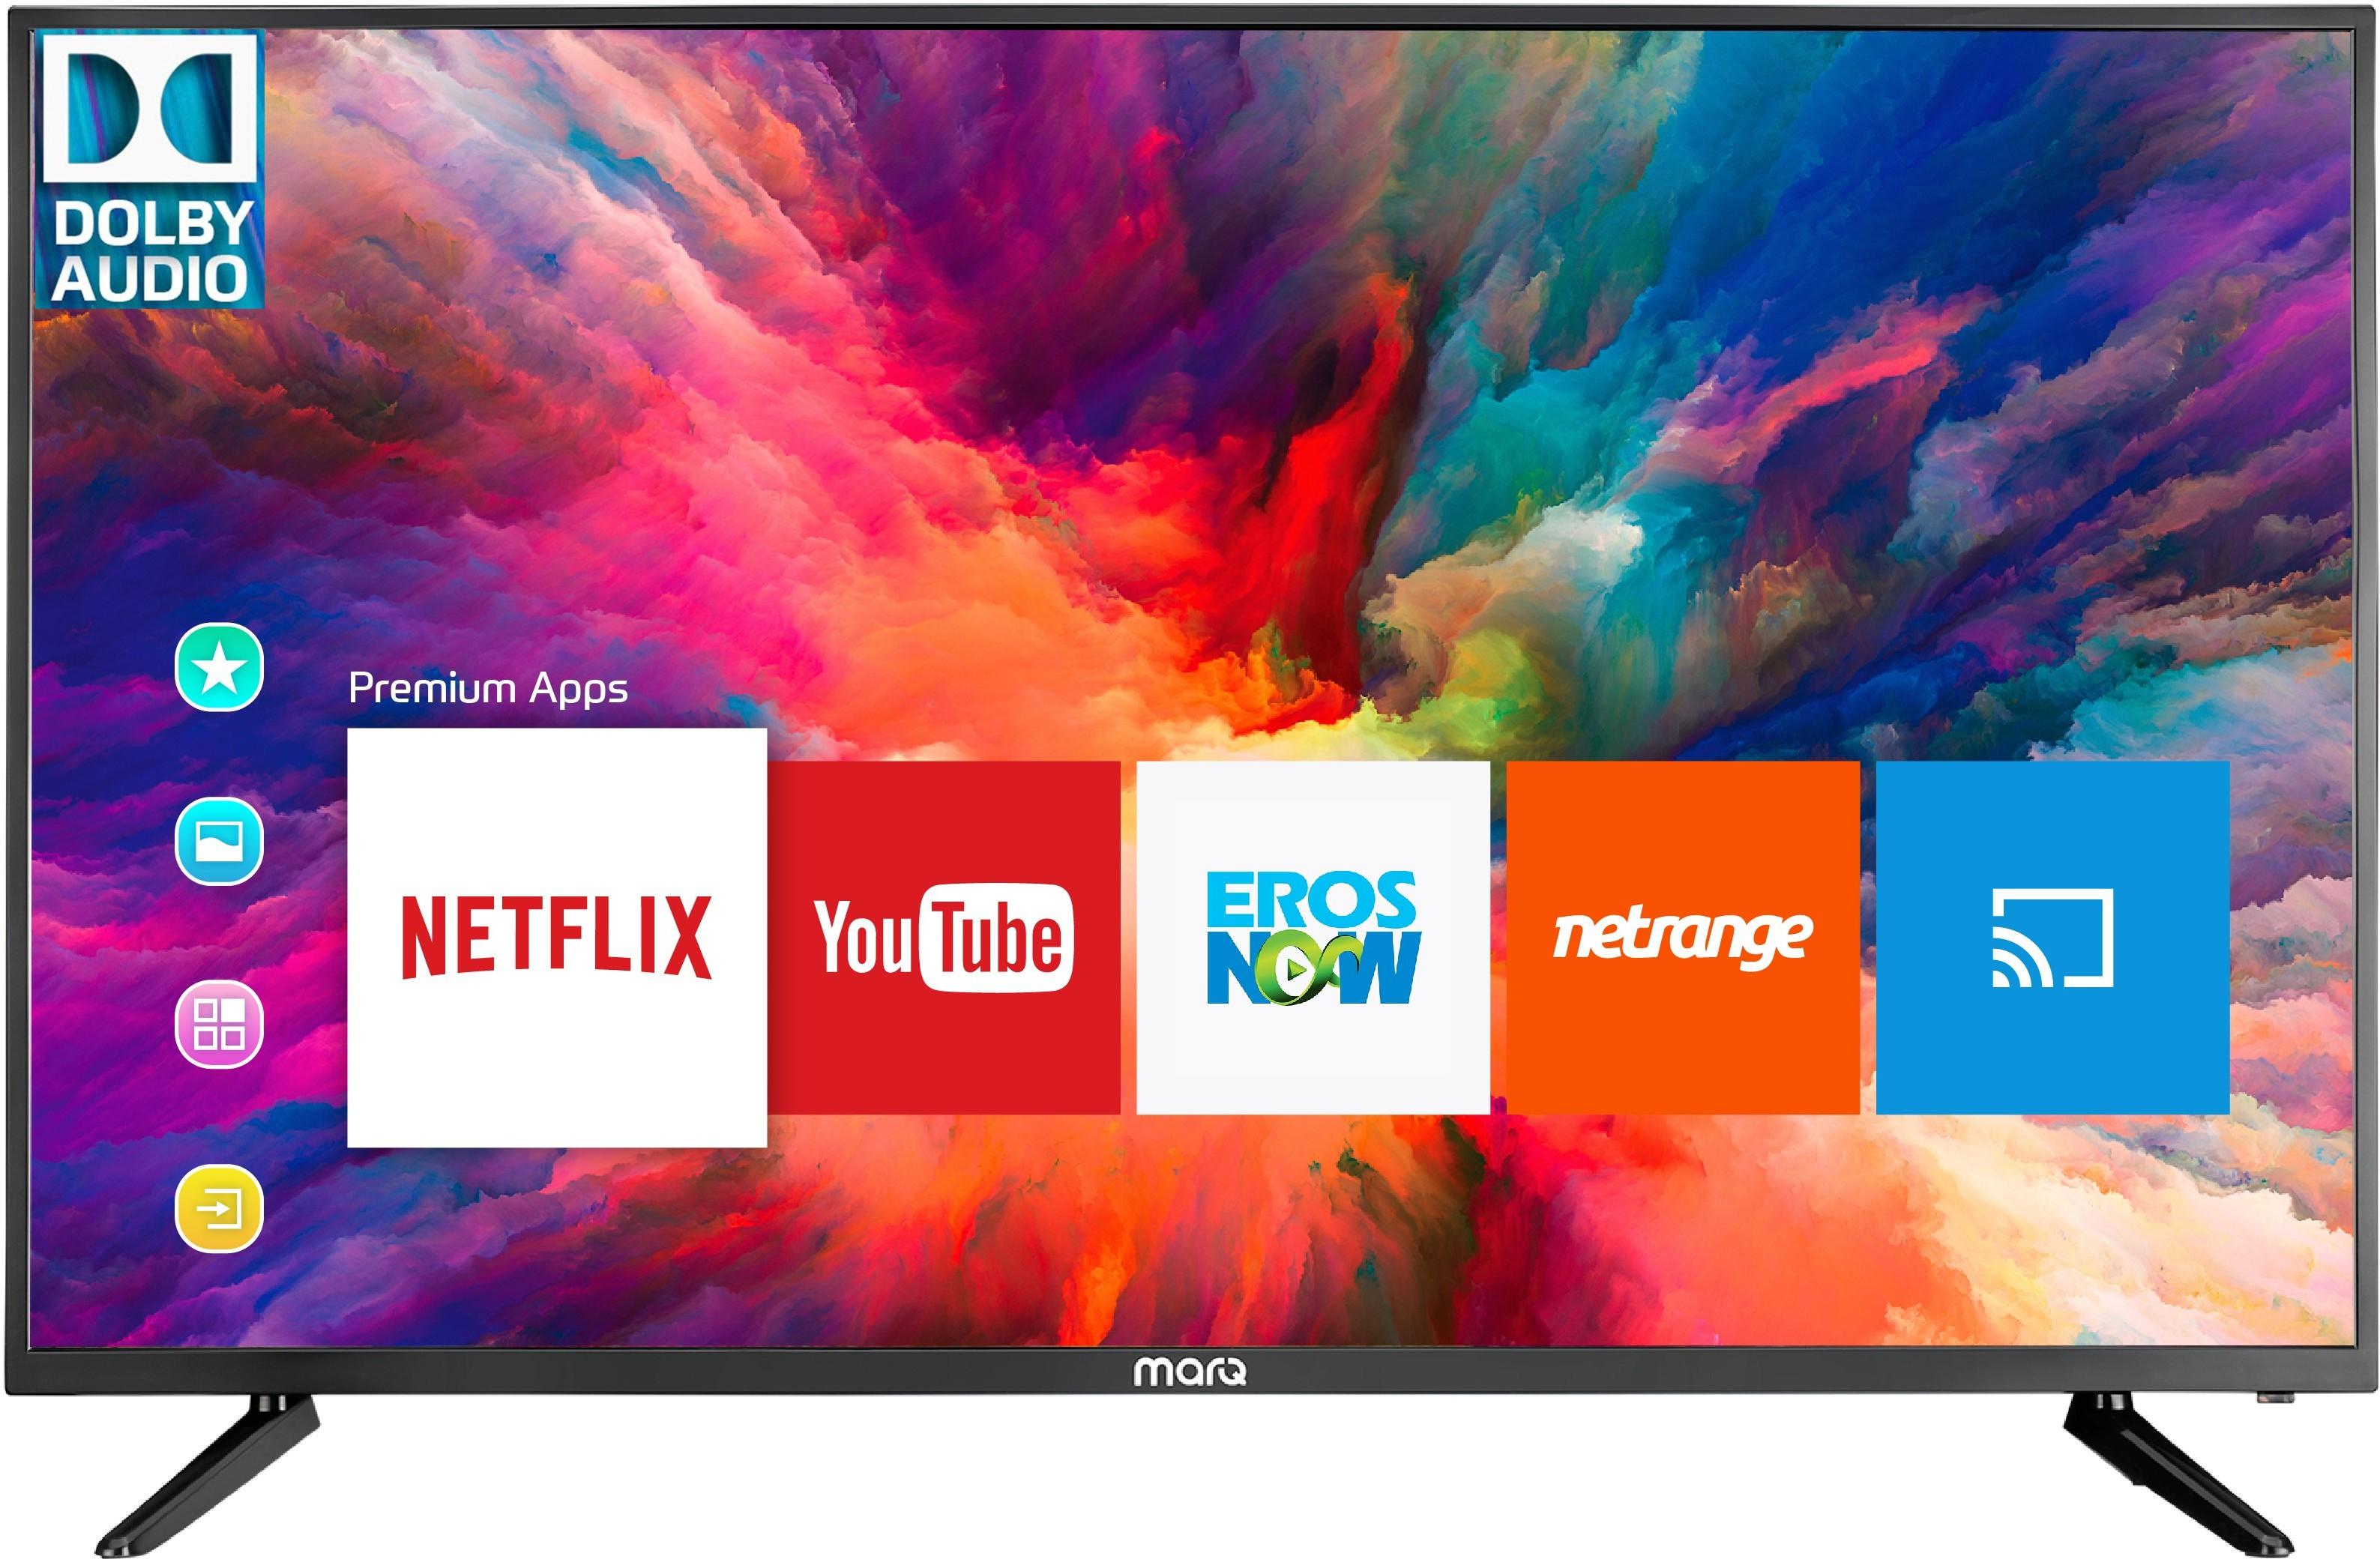 MarQ by Flipkart Dolby (40 inch) Full HD Smart LED TV Image